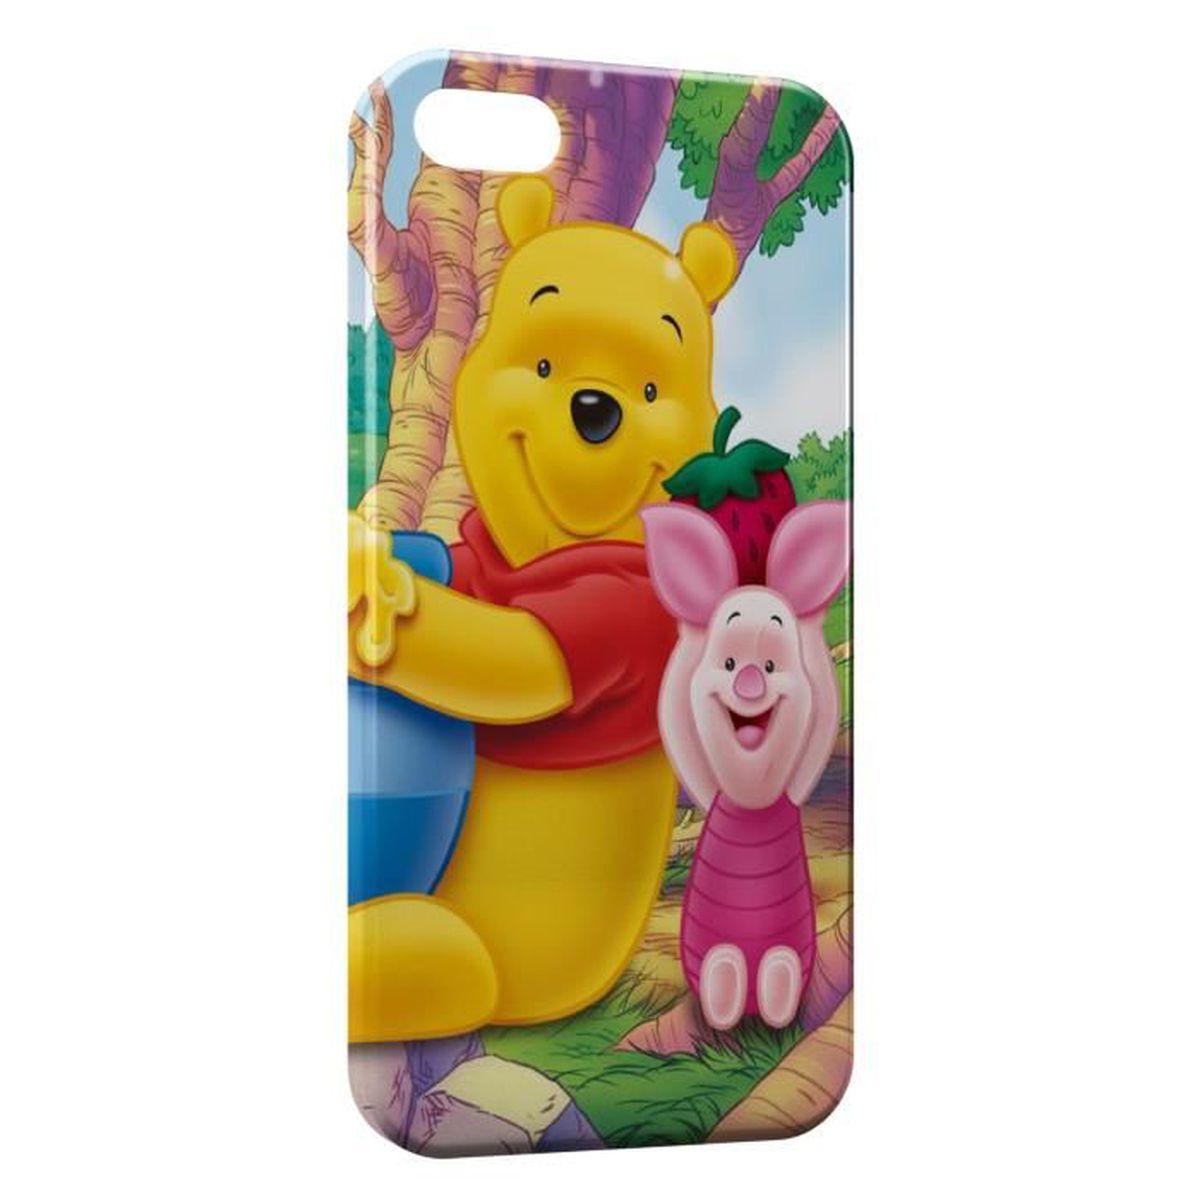 coque iphone 6 plus winnie l ourson et porcine